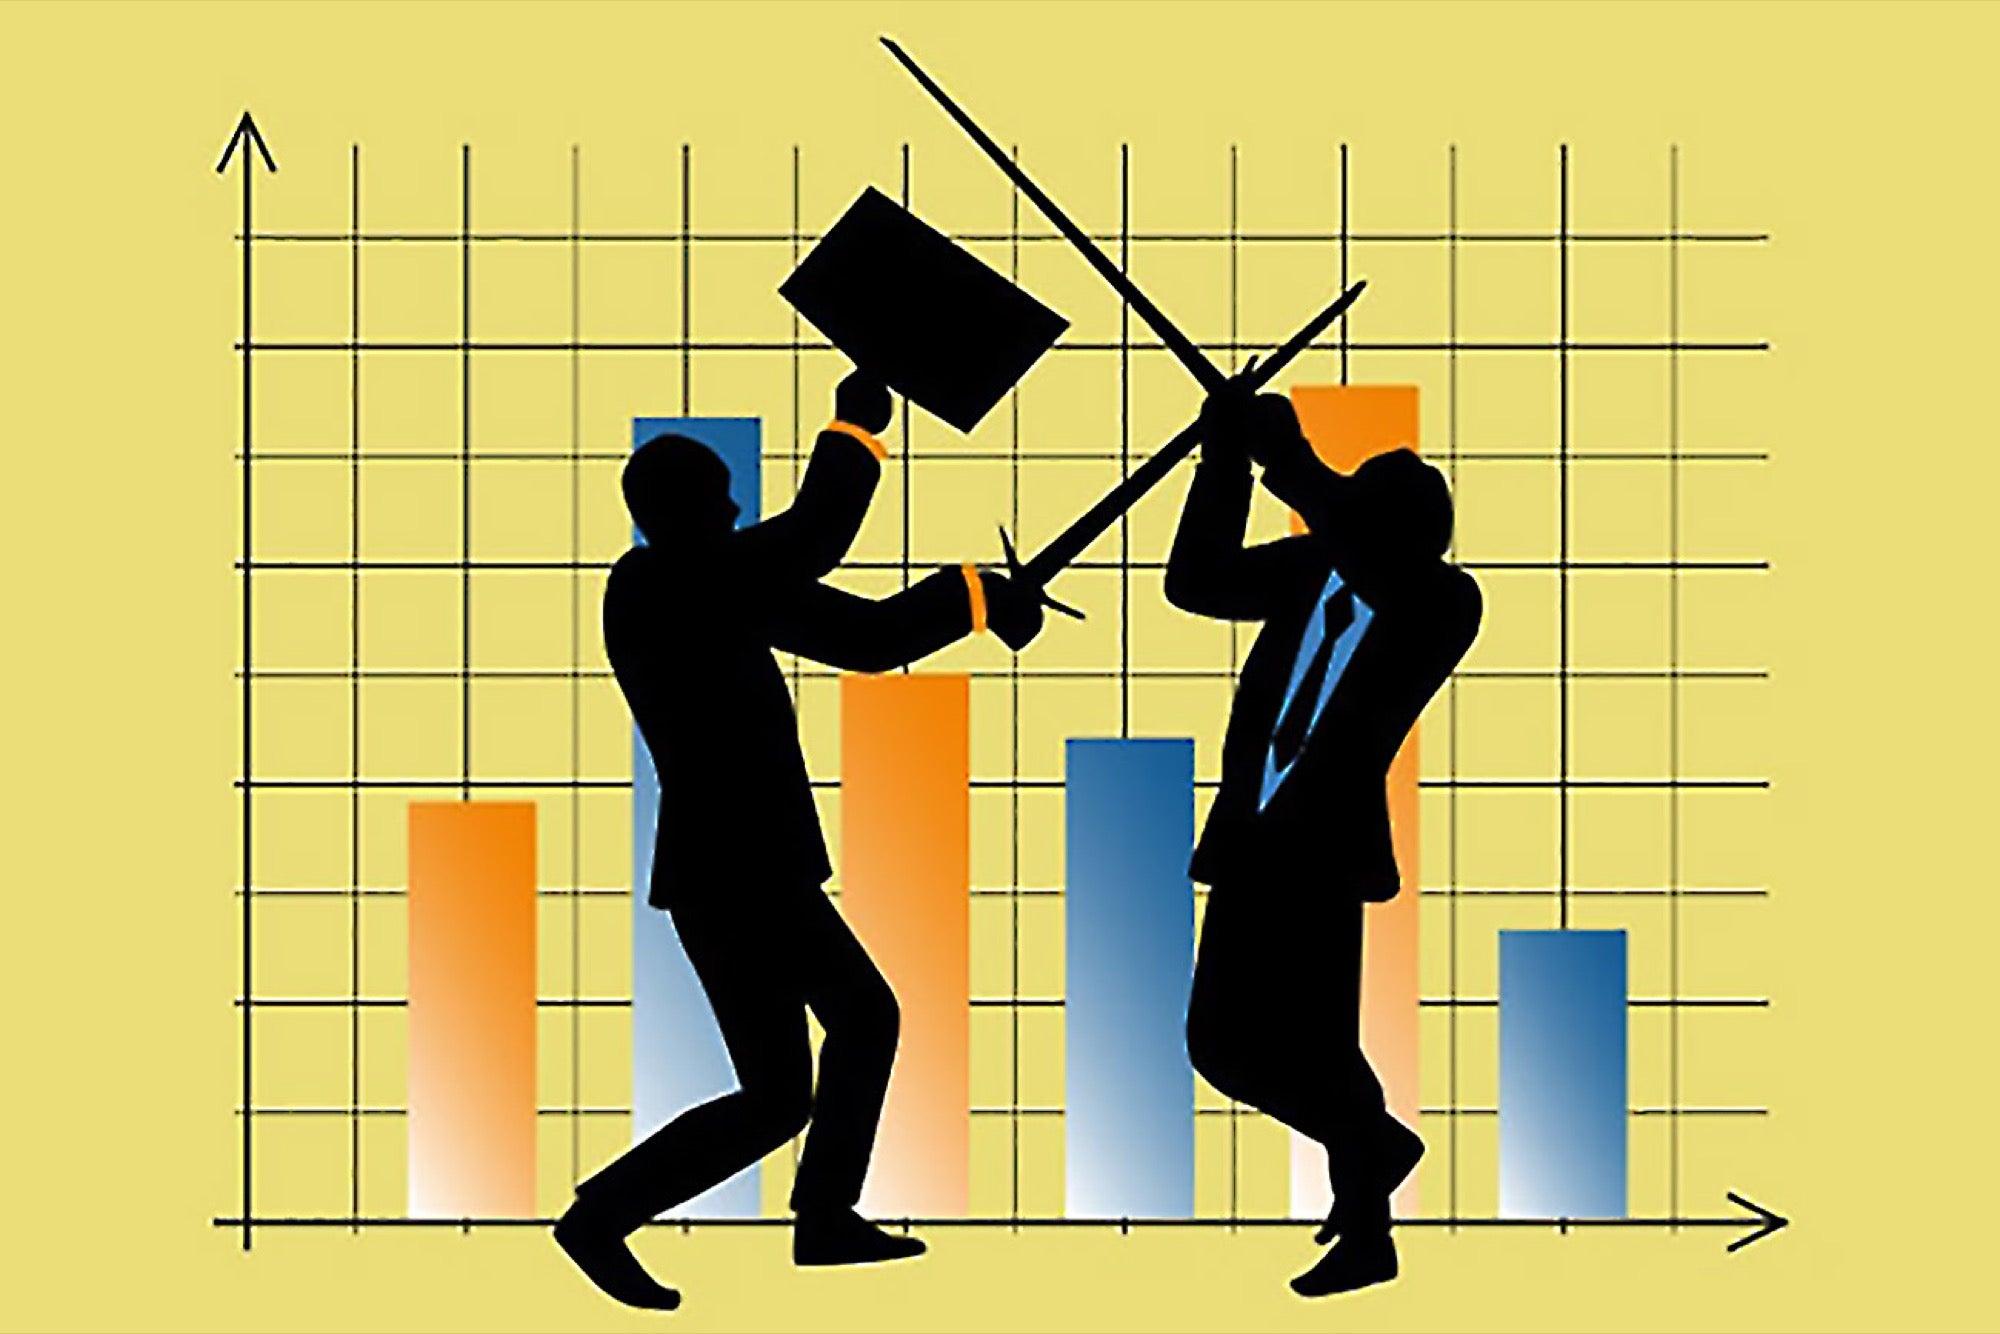 Arta negocierii - tehnici pentru găsirea unei strategii win-win